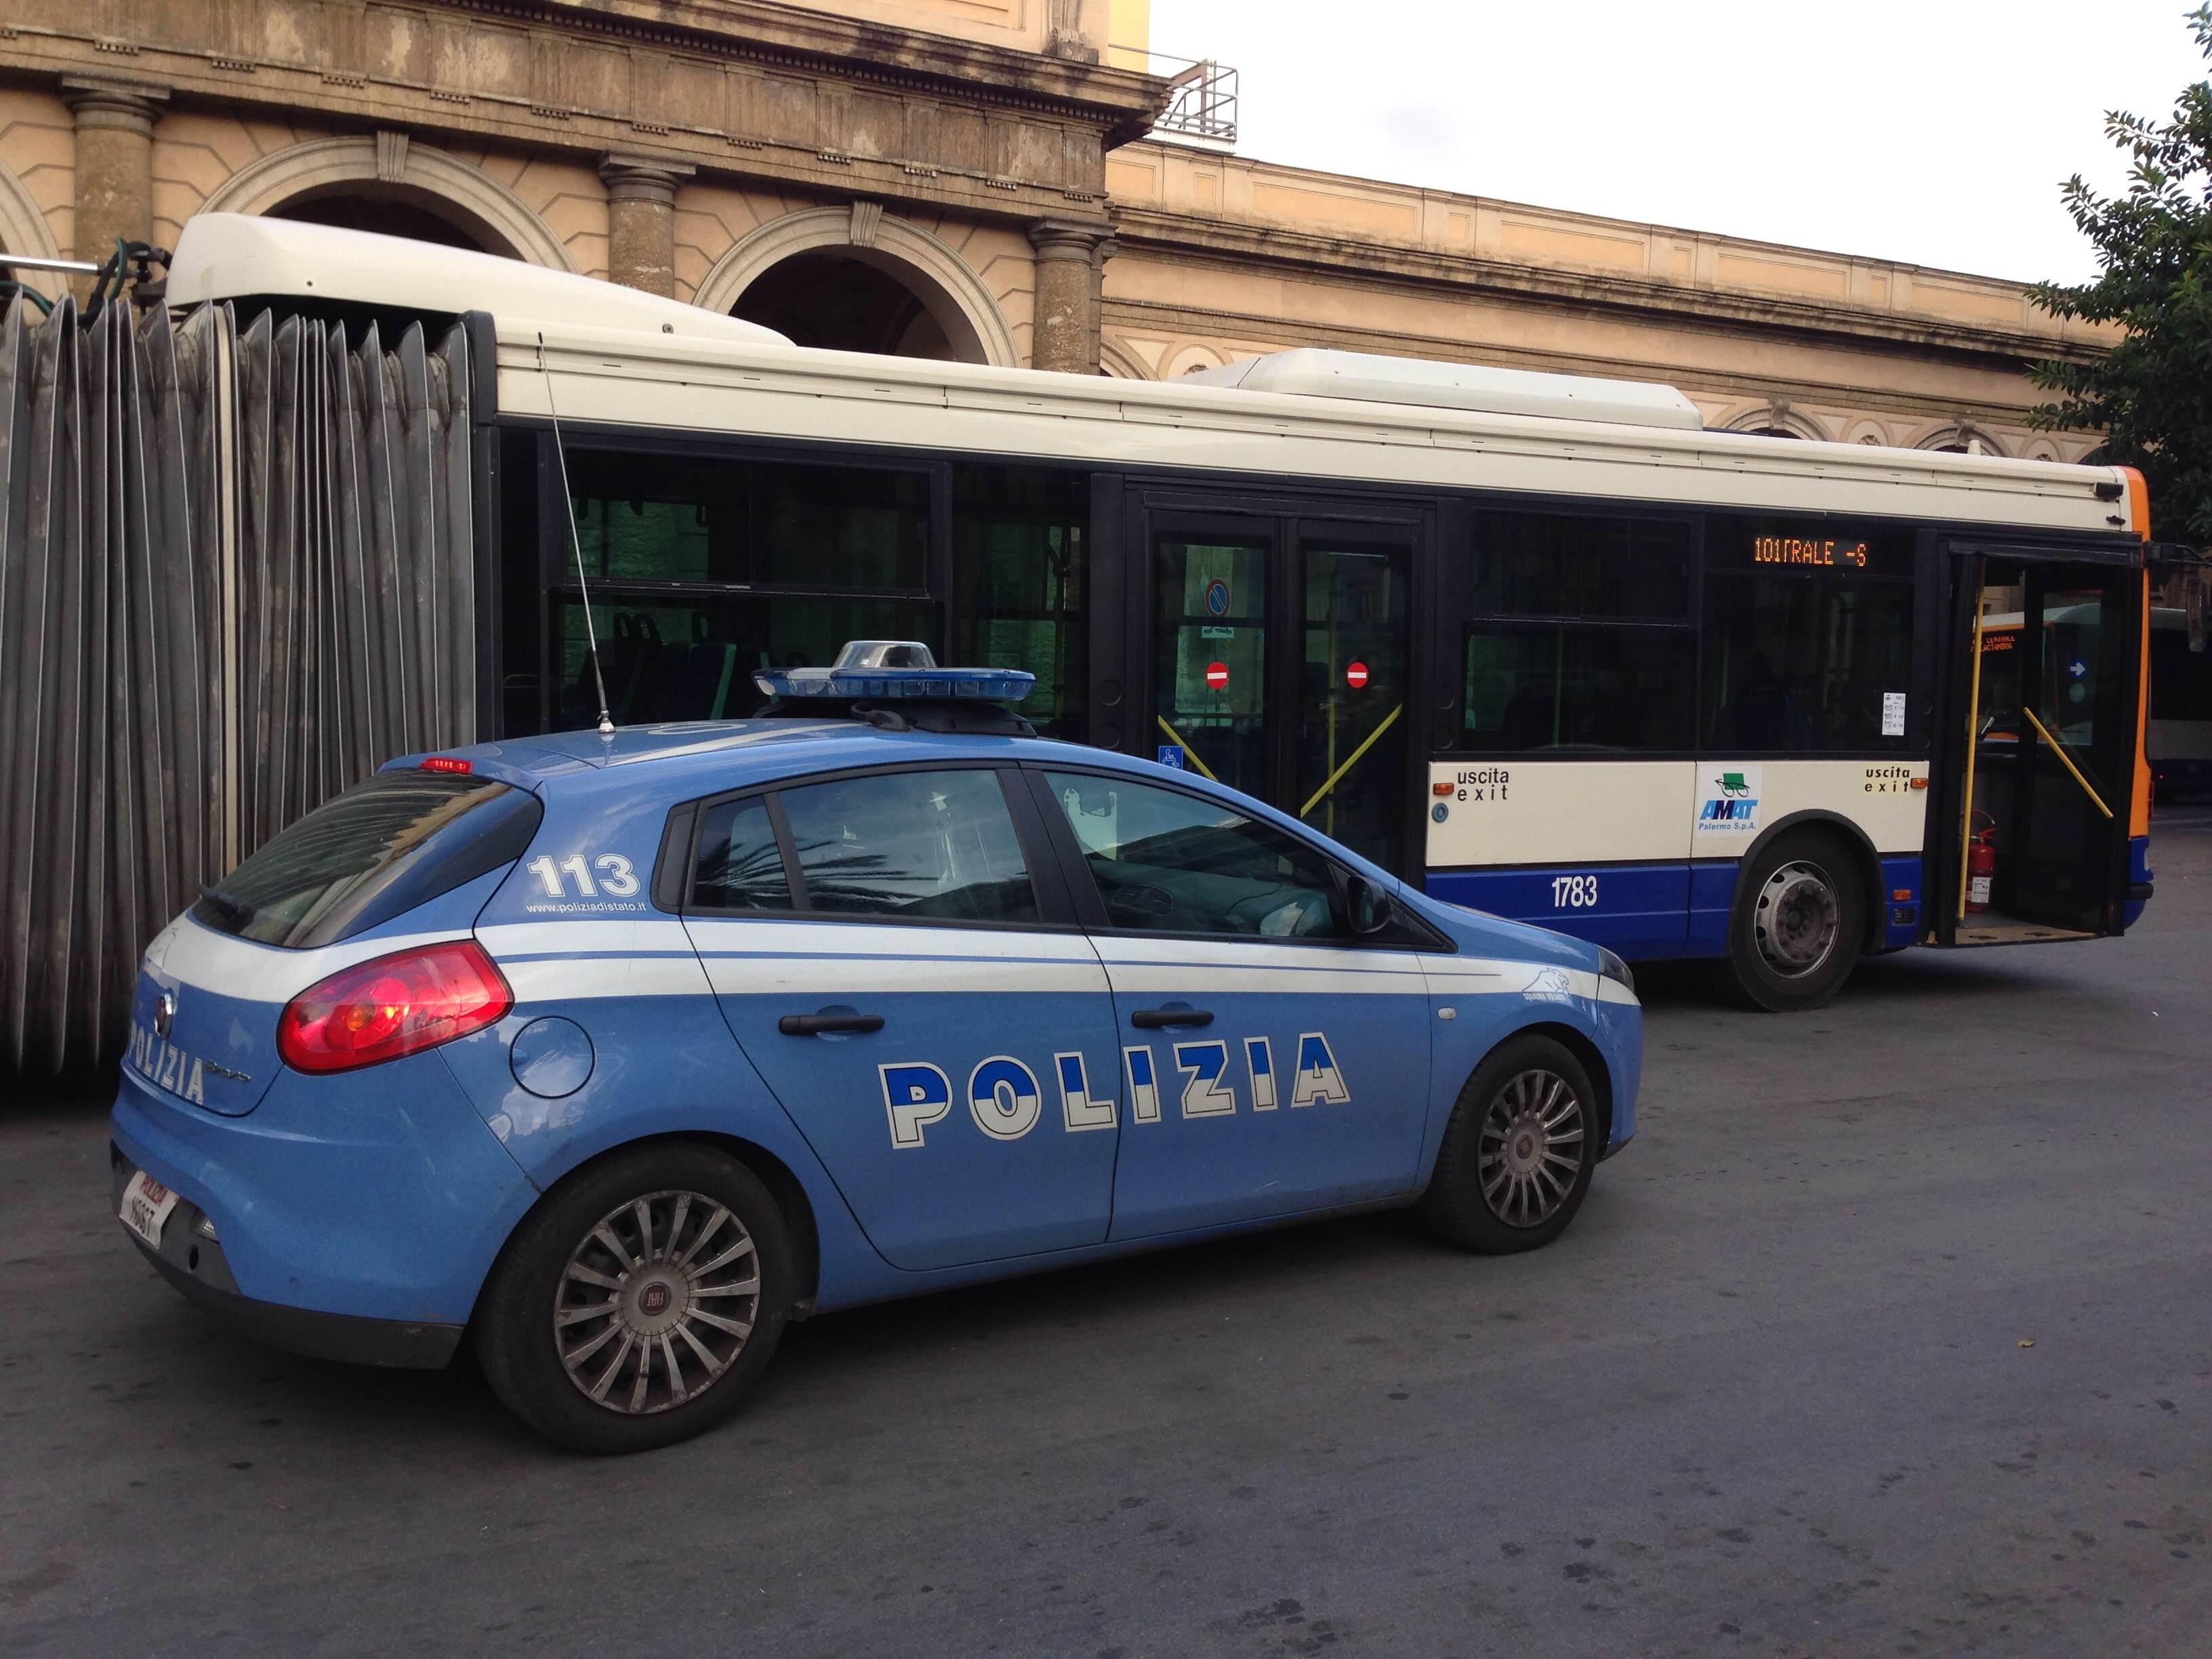 Furti sulle linee 101 e 806 del bus: arrestati due borseggiatori